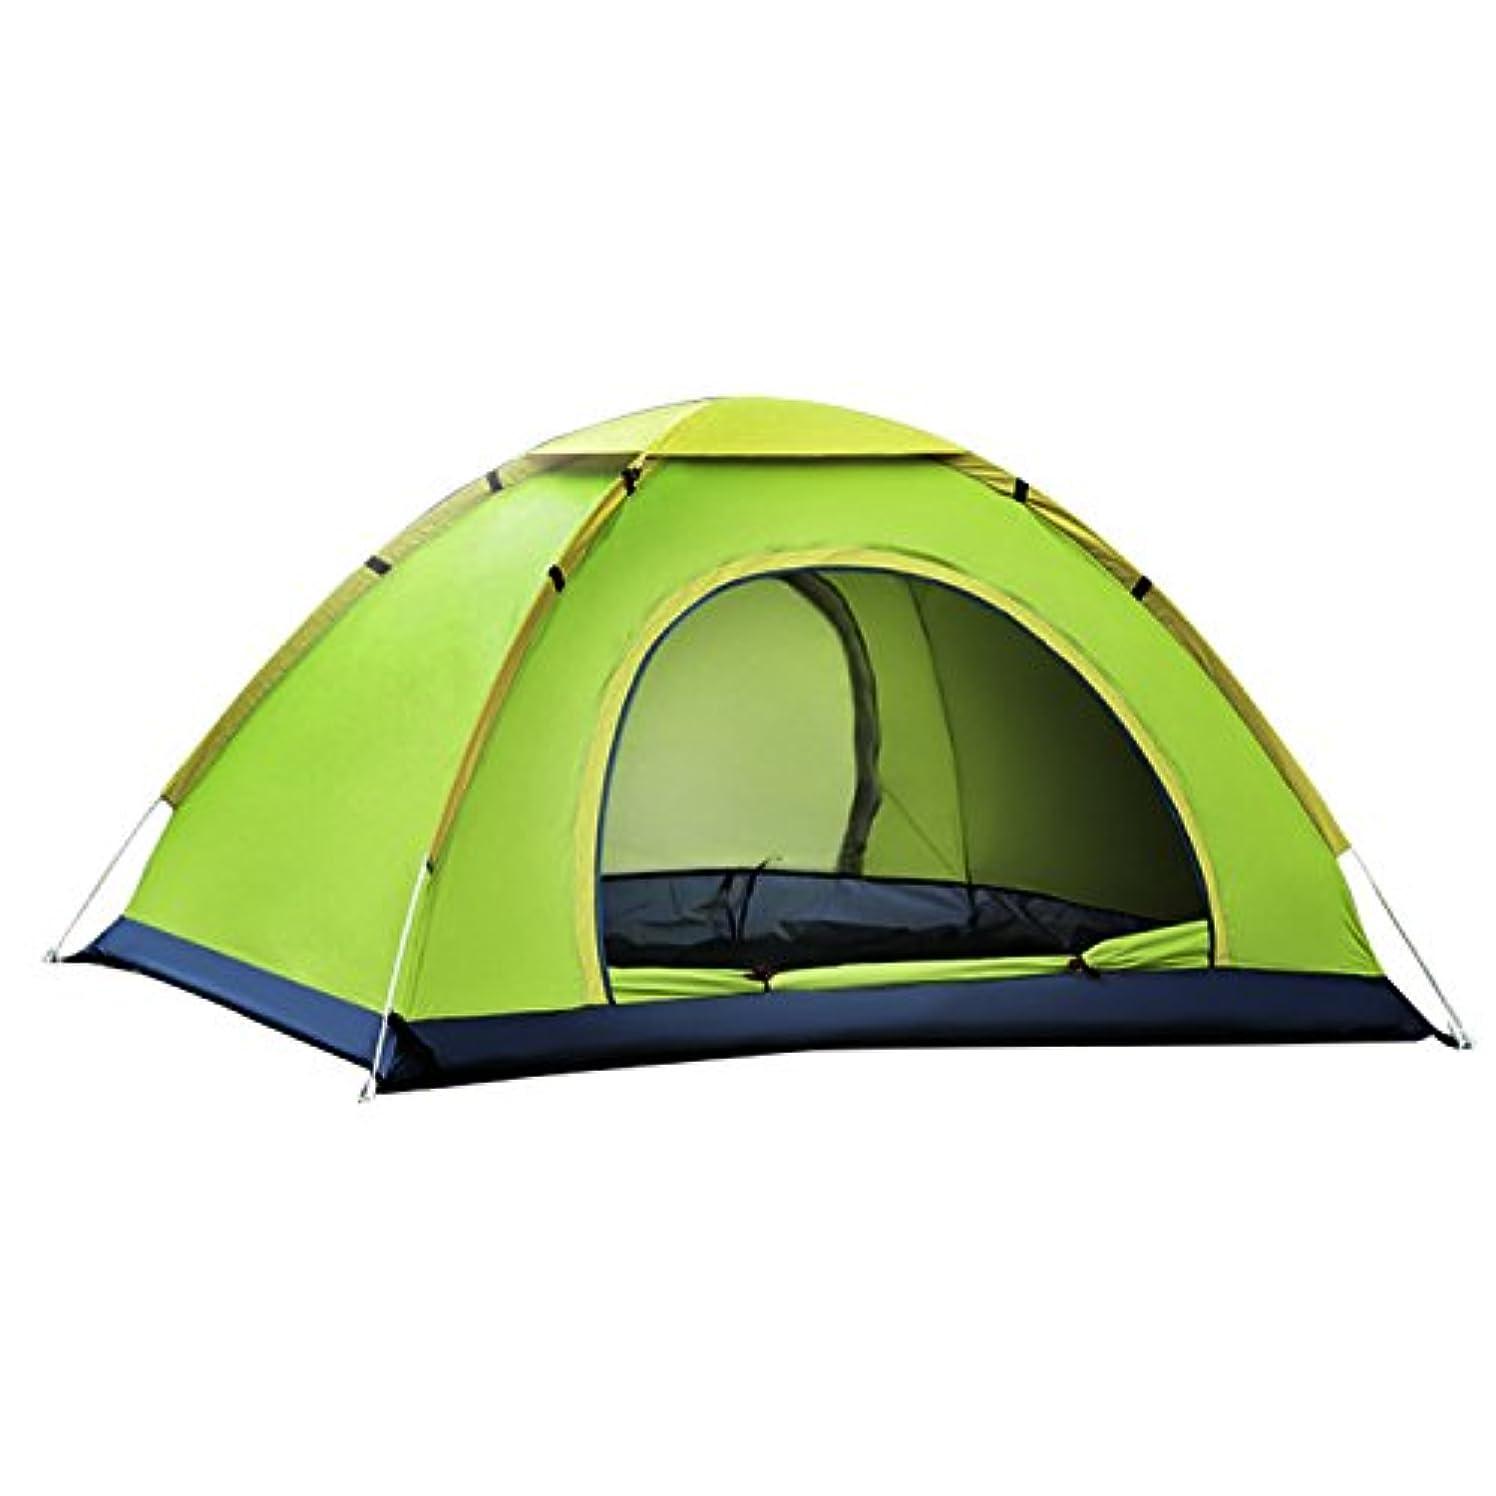 クラウドによってスカリーHIKING ワンタッチテント サンシェードテント 防水 キャリーバッグ付き キャンプテント 通気性抜群 2-3人用 紫外線防止 超軽量 折りたたみ 撥水加工 設営簡単 キャンプ用品 登山 2色